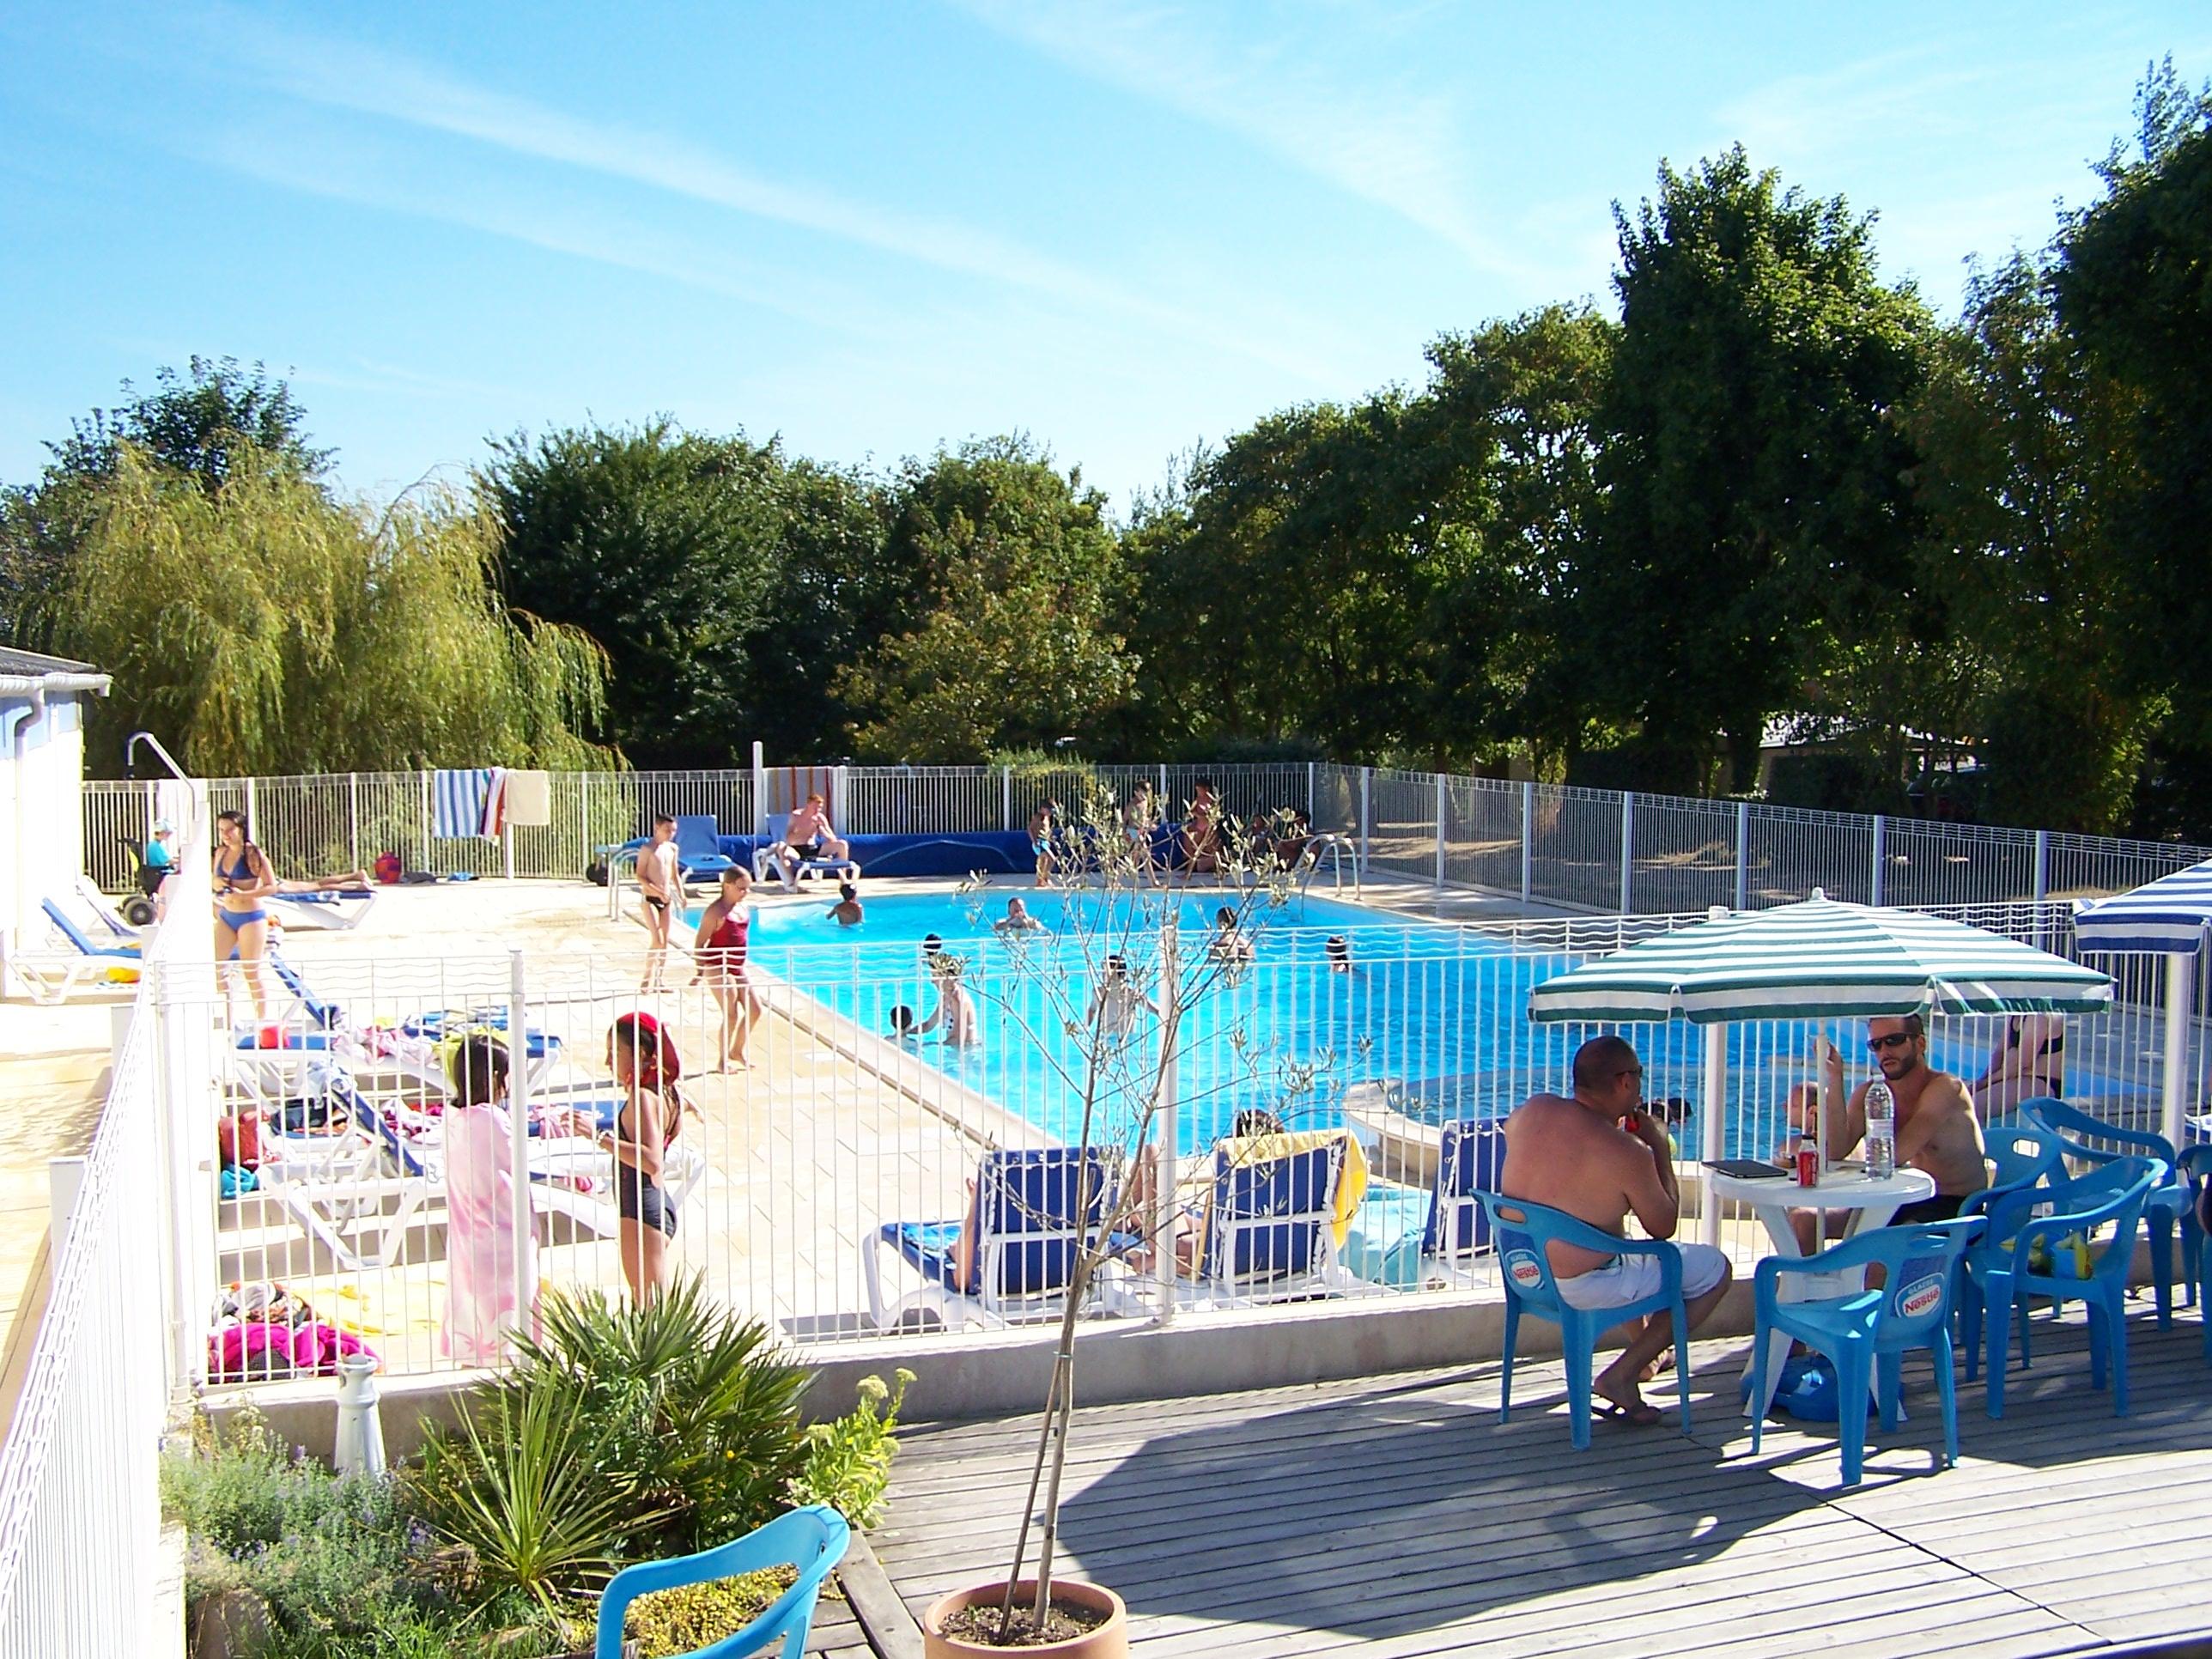 Camping morbihan avec piscine nouveaux mod les de maison for Camping morbihan avec piscine